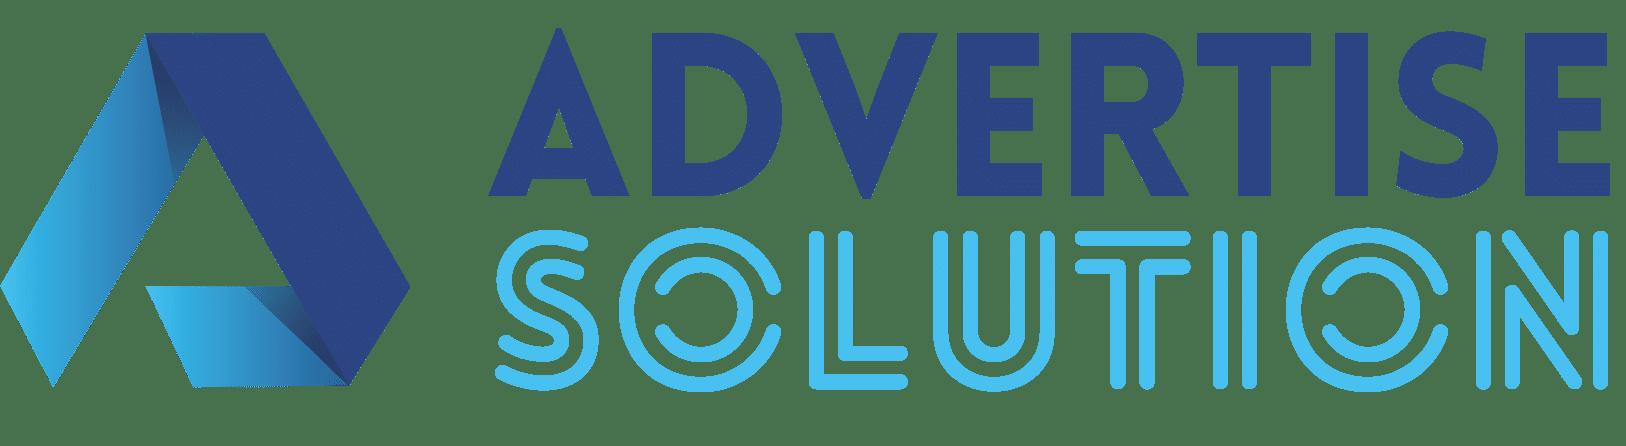 vd-velde-it-nl-advertise-solution-logo